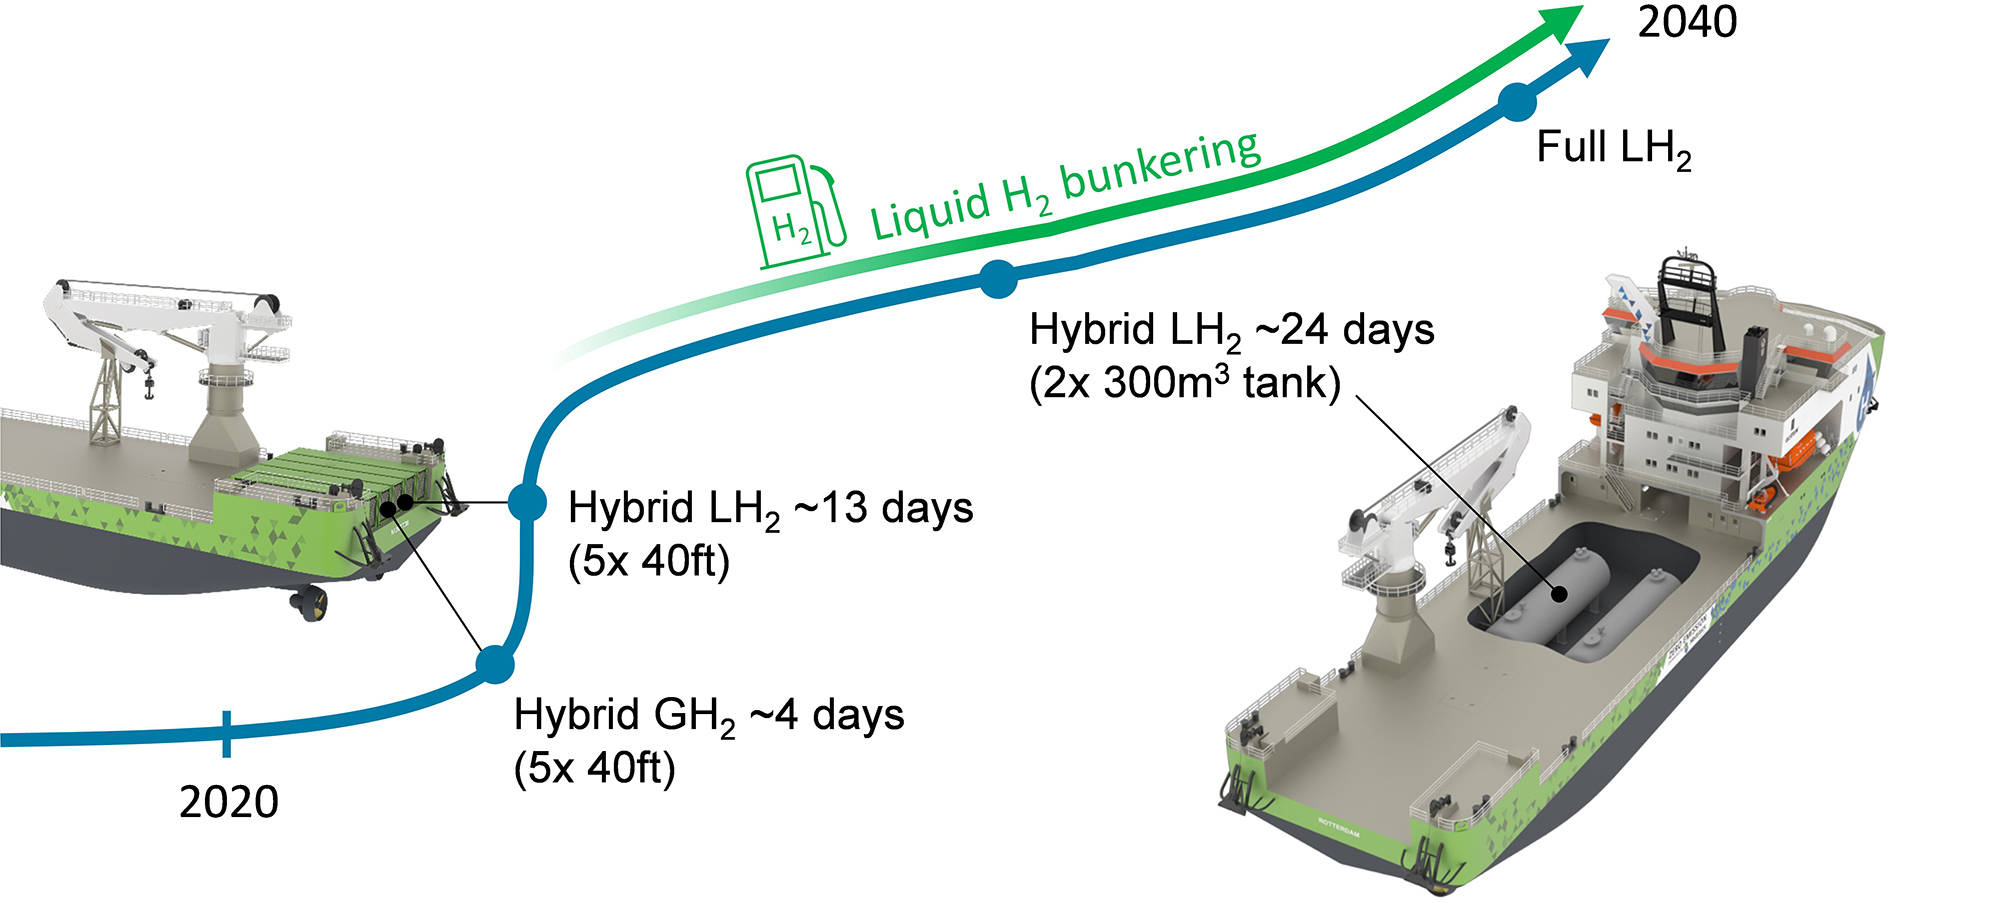 Ulstein Hydrogen Roadmap